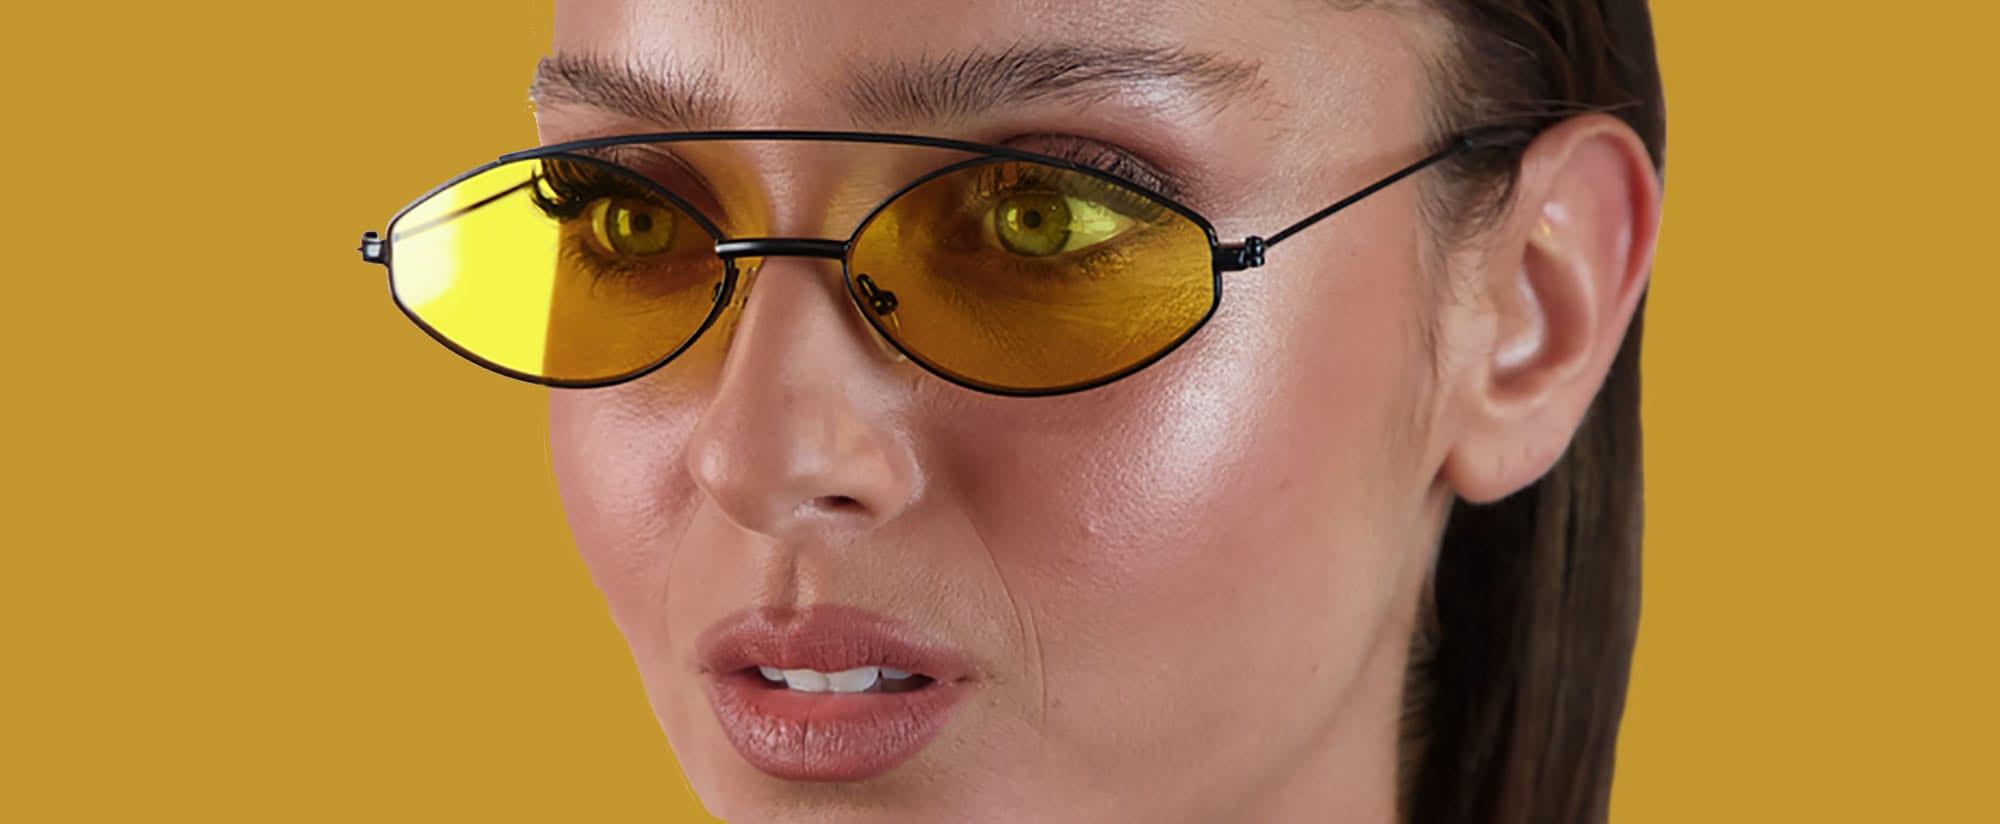 קולקציית קפסולה של משקפי שמש נטע אלחמיסטר לאירוקה מחיר 199 שח צילום סטודיו מאשין (27)